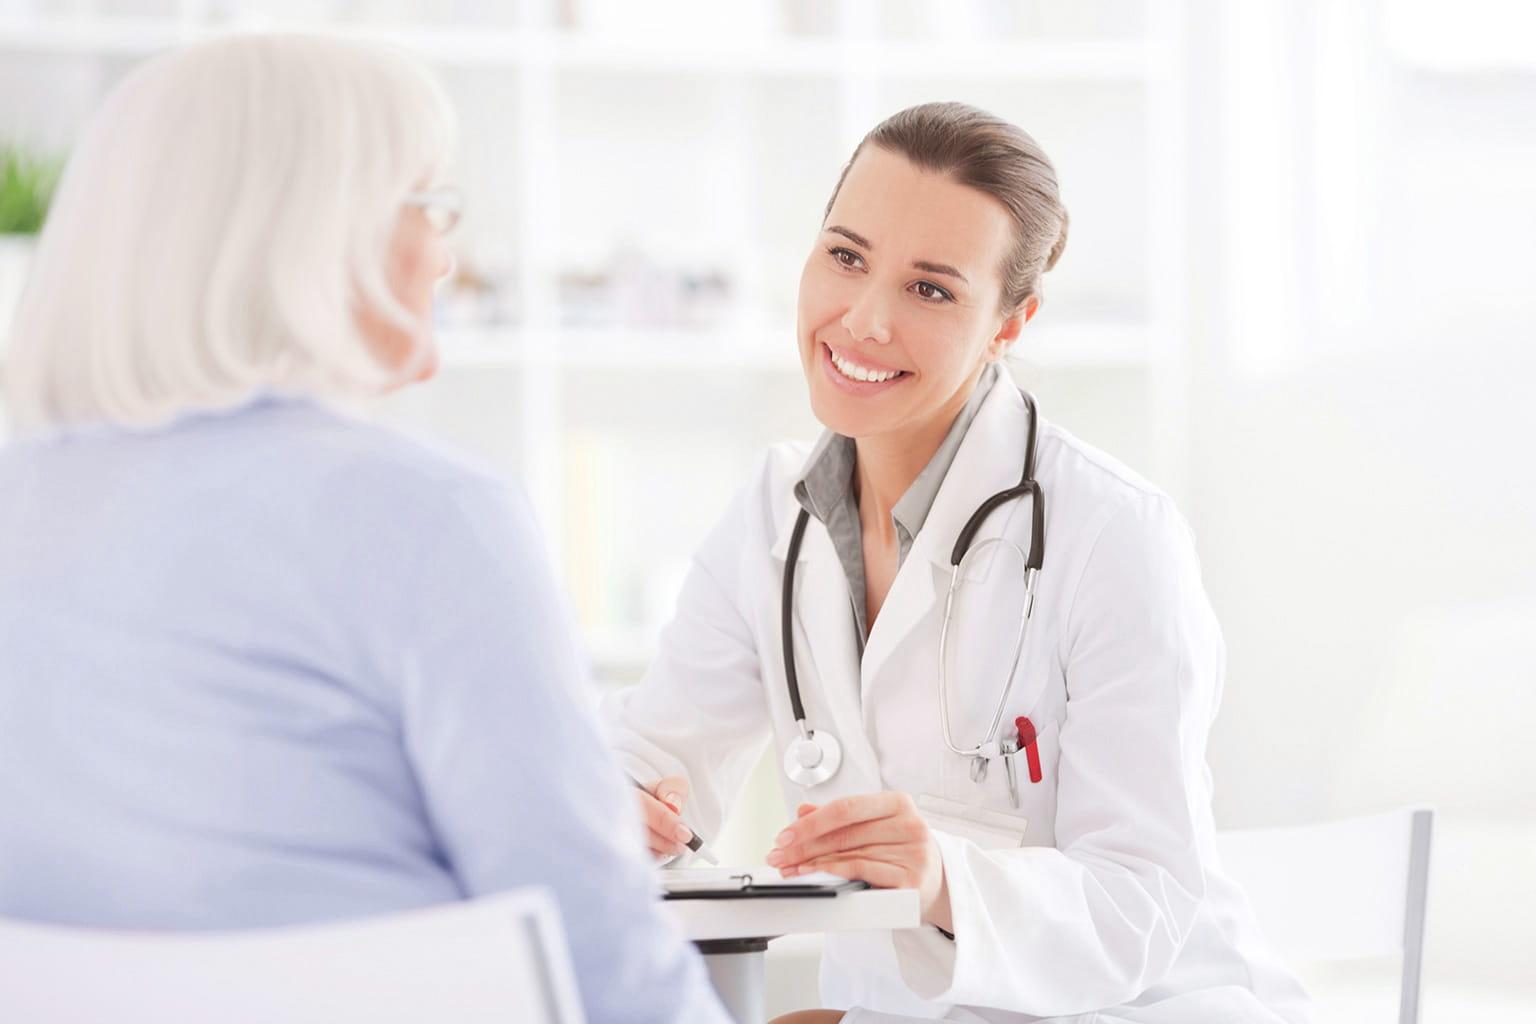 Ärztin bespricht sich mit Patientin